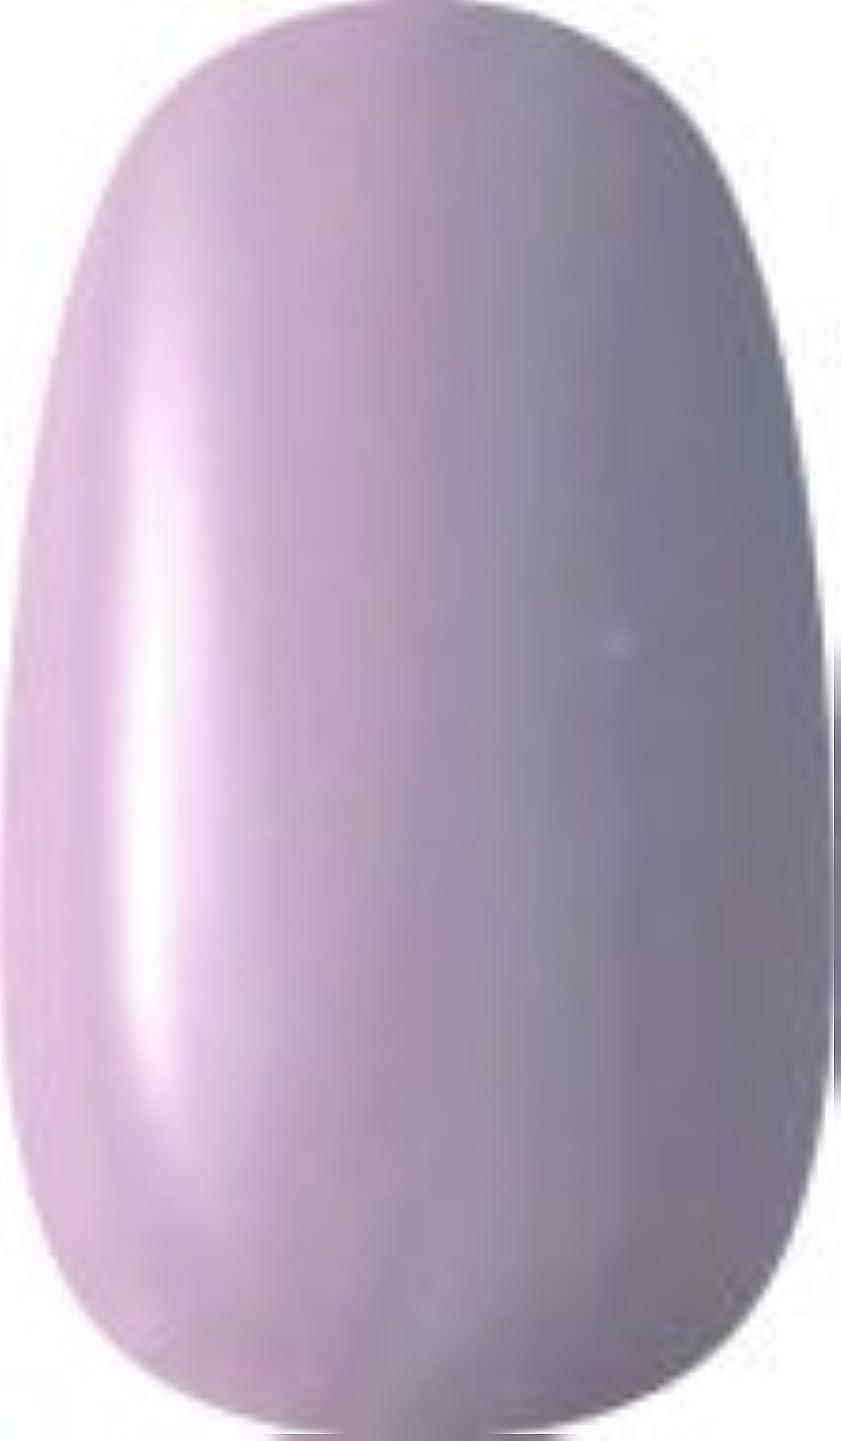 興味オプショナル潮ラク カラージェル(52-シナモン)8g 今話題のラクジェル 素早く仕上カラージェル 抜群の発色とツヤ 国産ポリッシュタイプ オールインワン ワンステップジェルネイル RAKU COLOR GEL #52